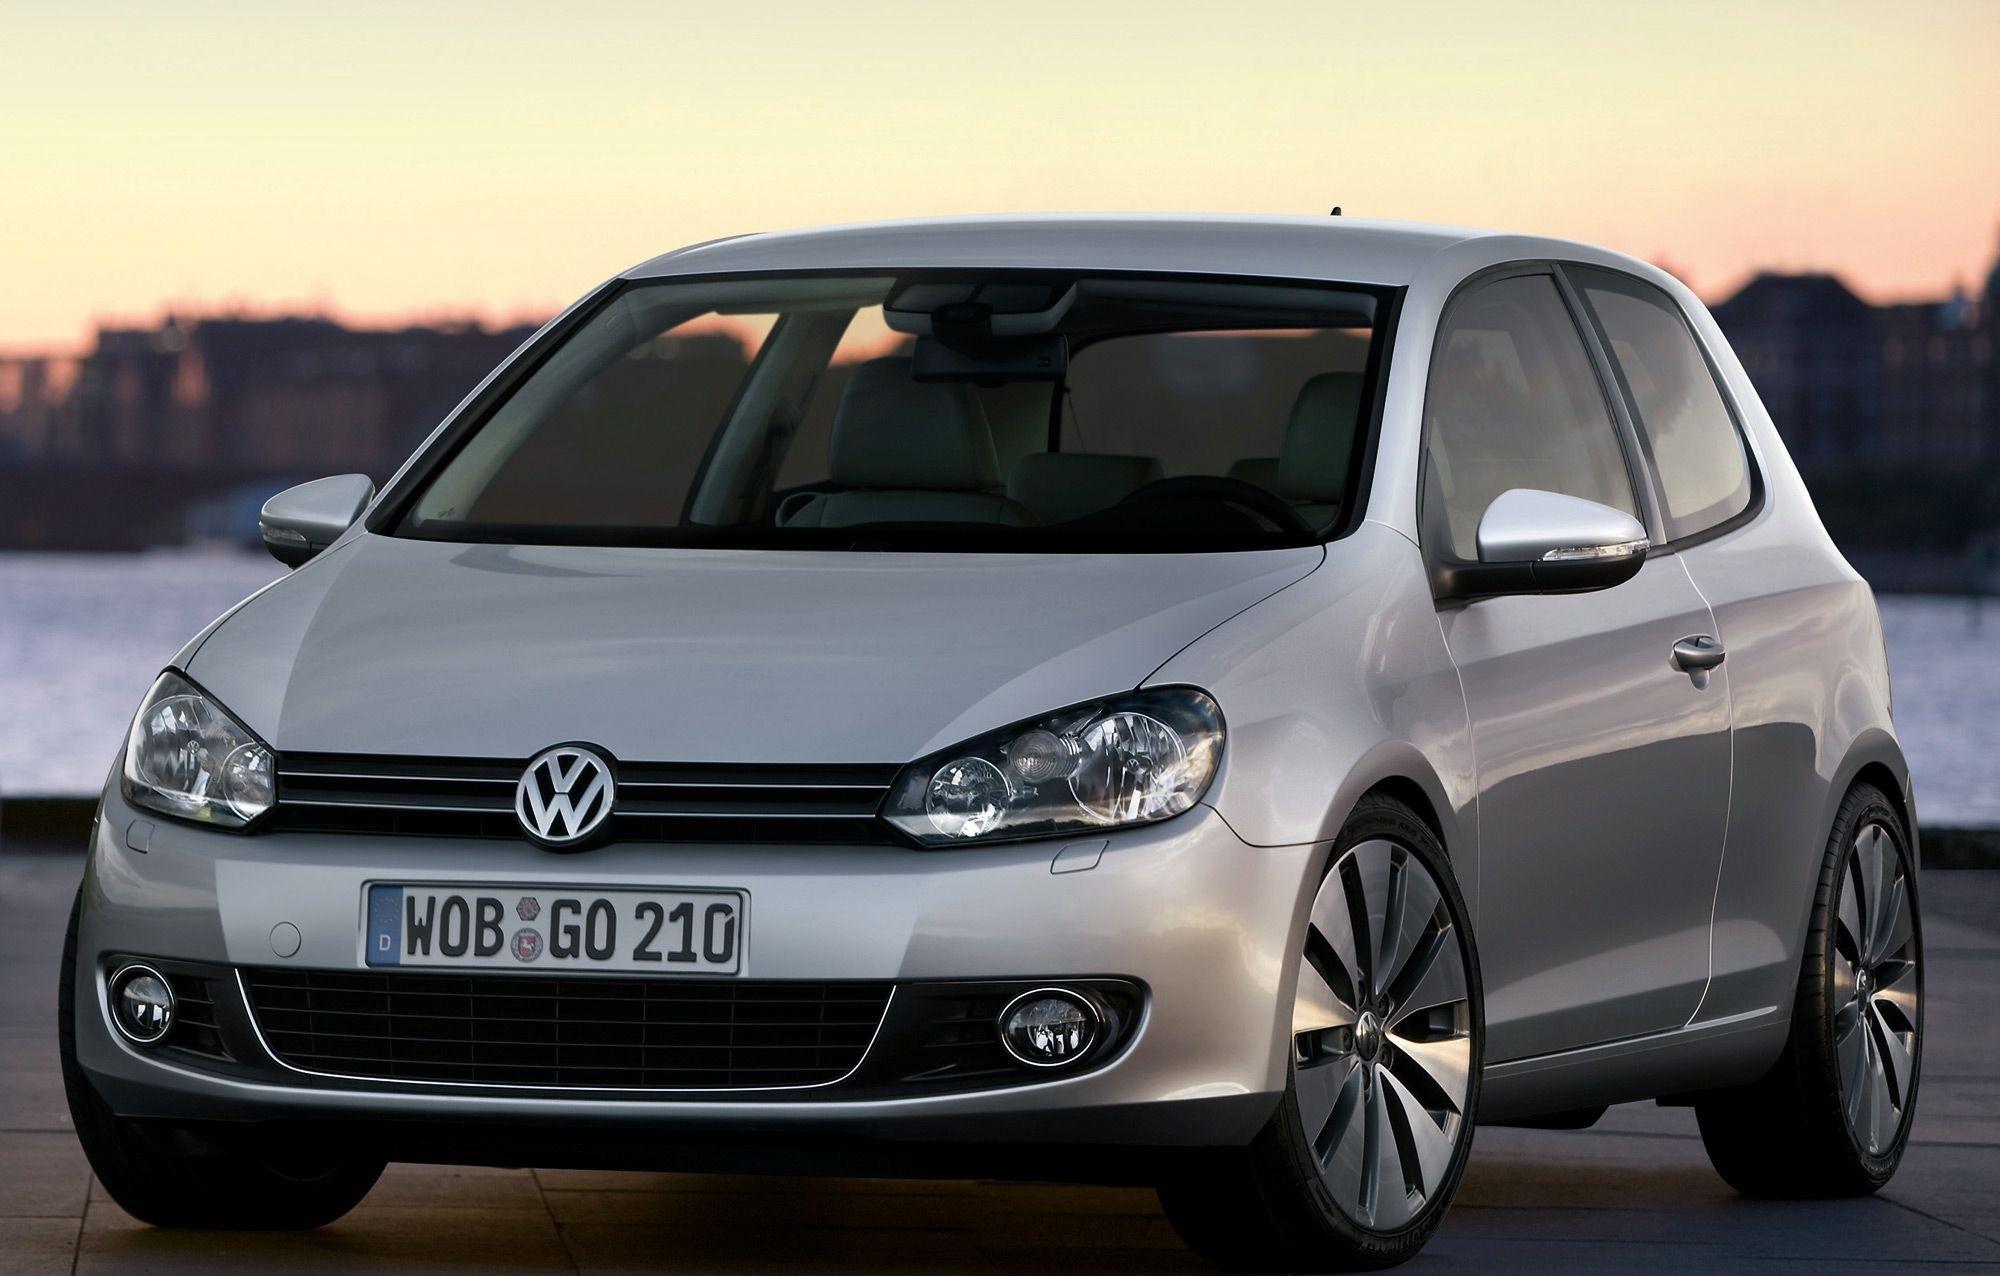 Volkswagen Golf Wallpapers 2